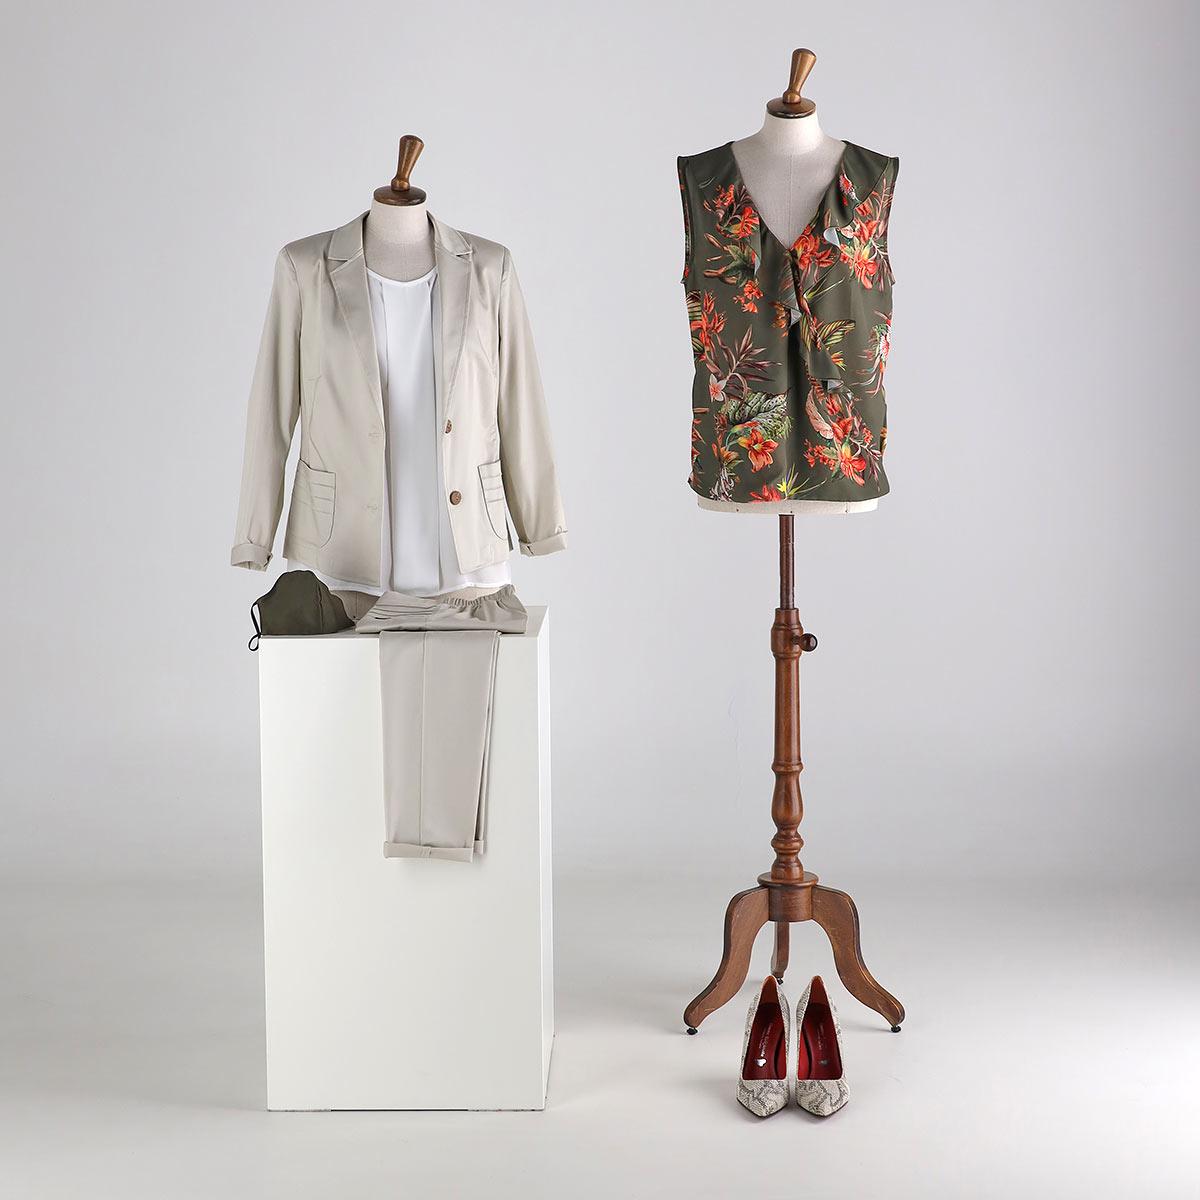 Giacca e pantalone in cotone e camicia fantasia estate 2020 Meteore Fashion